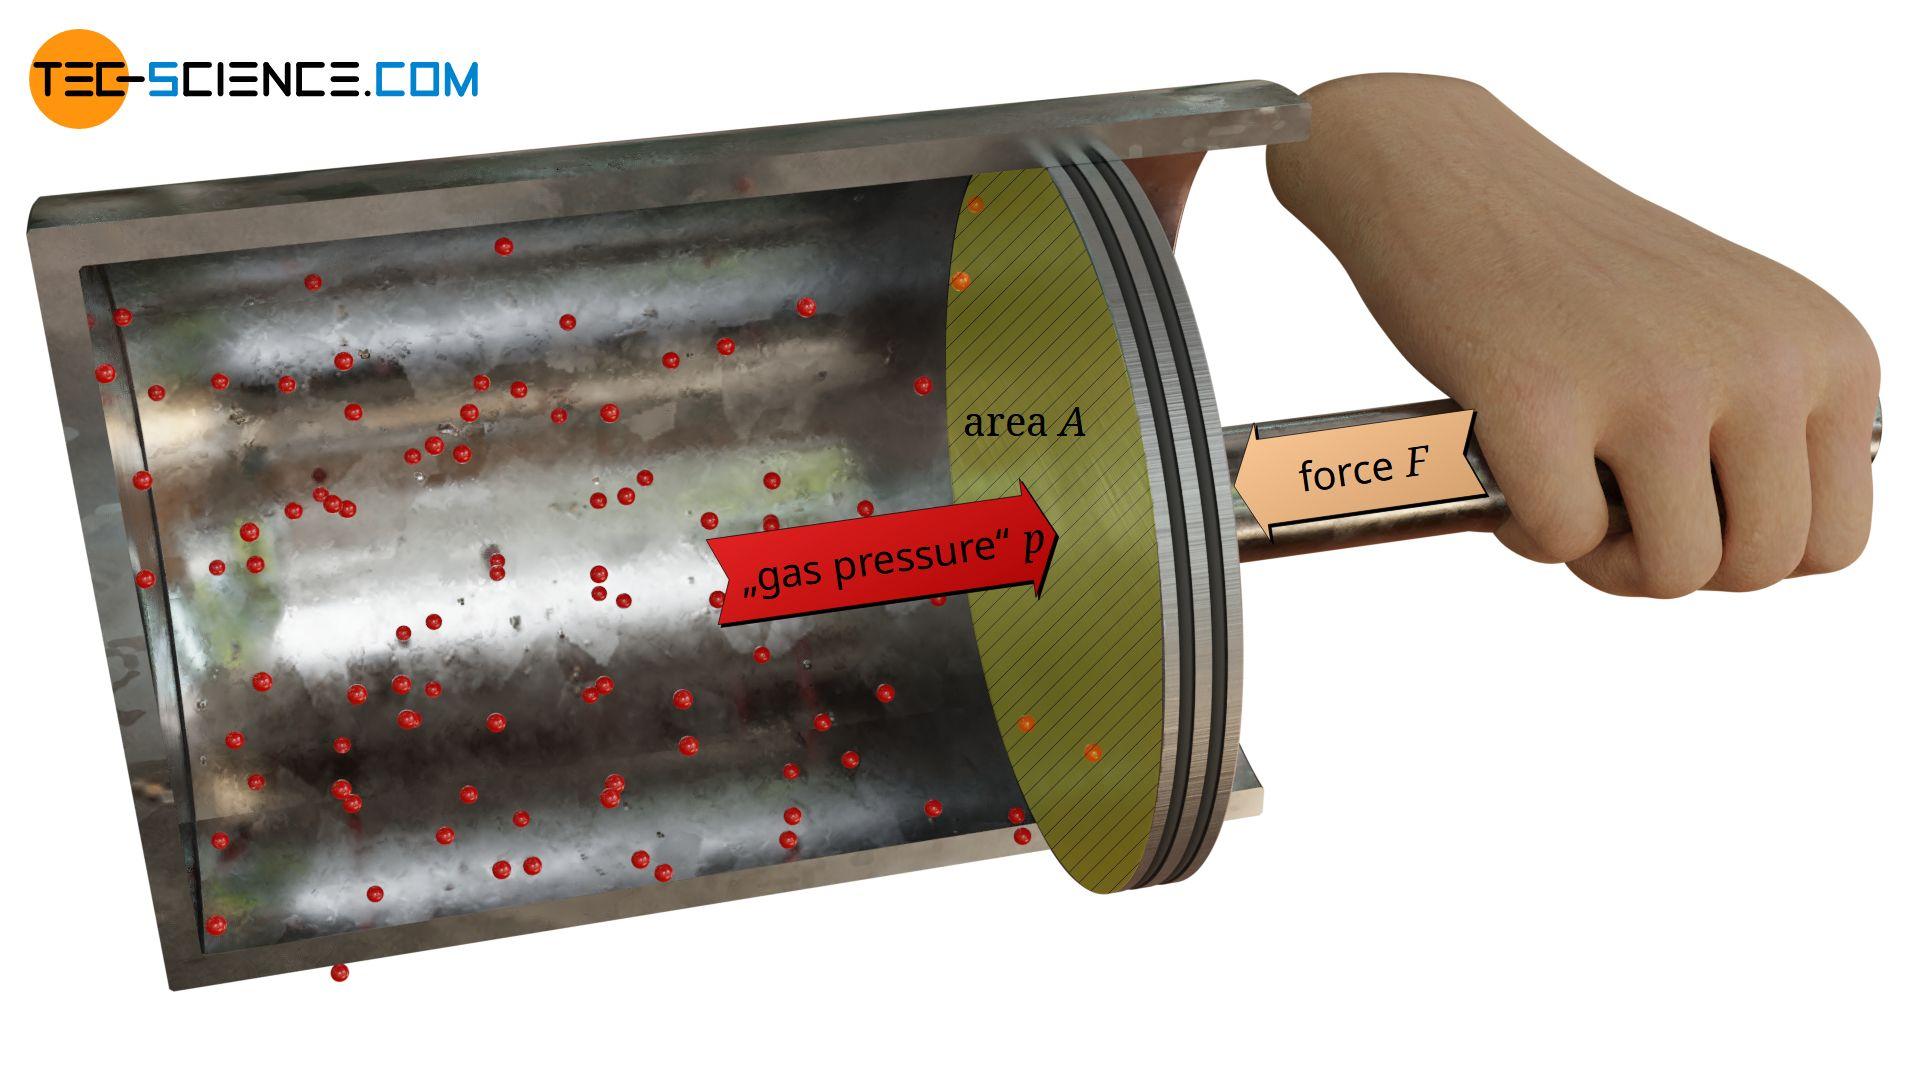 Microscopic interpretation of the gas pressure